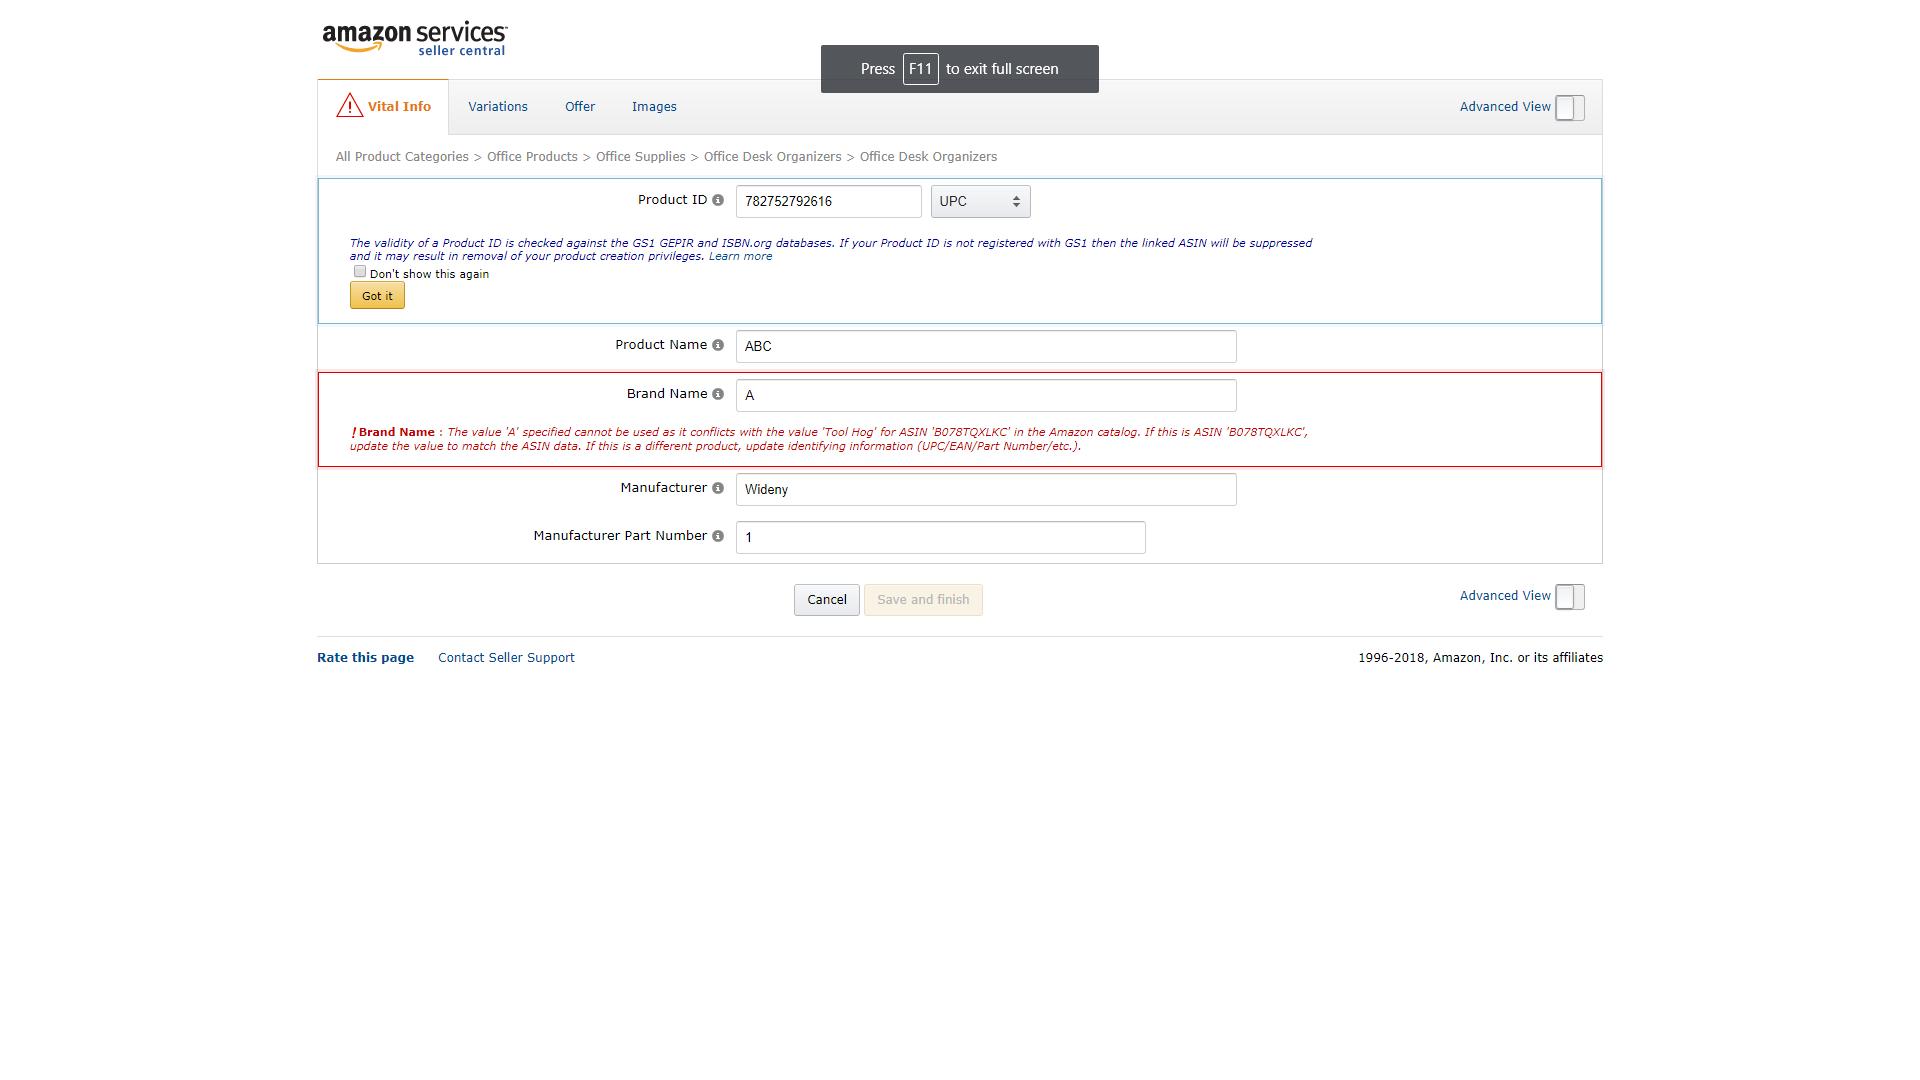 Screenshot (2). C5ffd52062222c22238c26a34b2572771c04c50f.png1920x1080